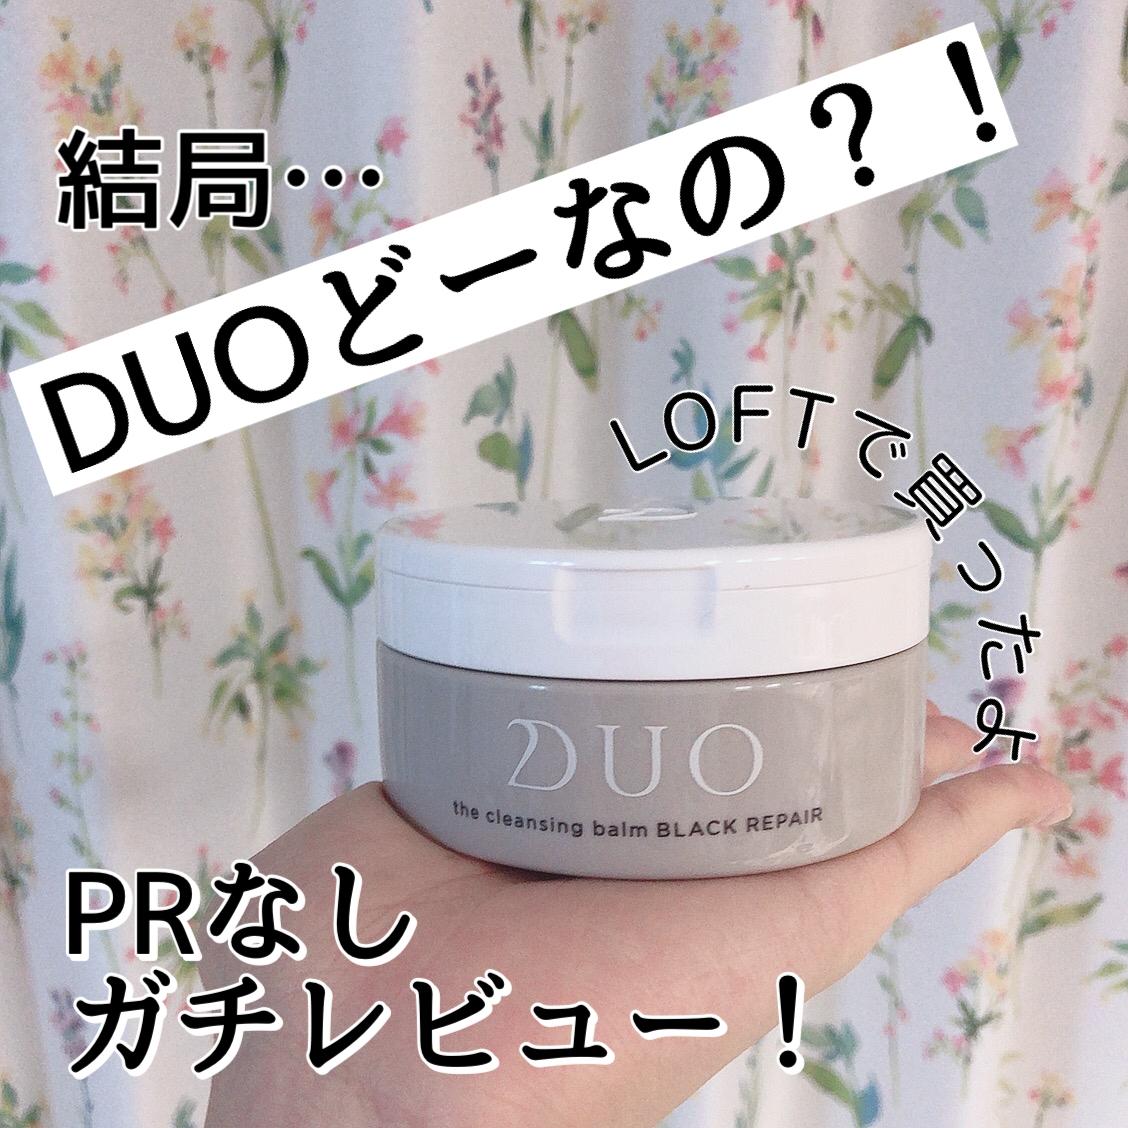 DUO(デュオ) ザ クレンジングバーム ブラックリペアの良い点・メリットに関するkhさんの口コミ画像1